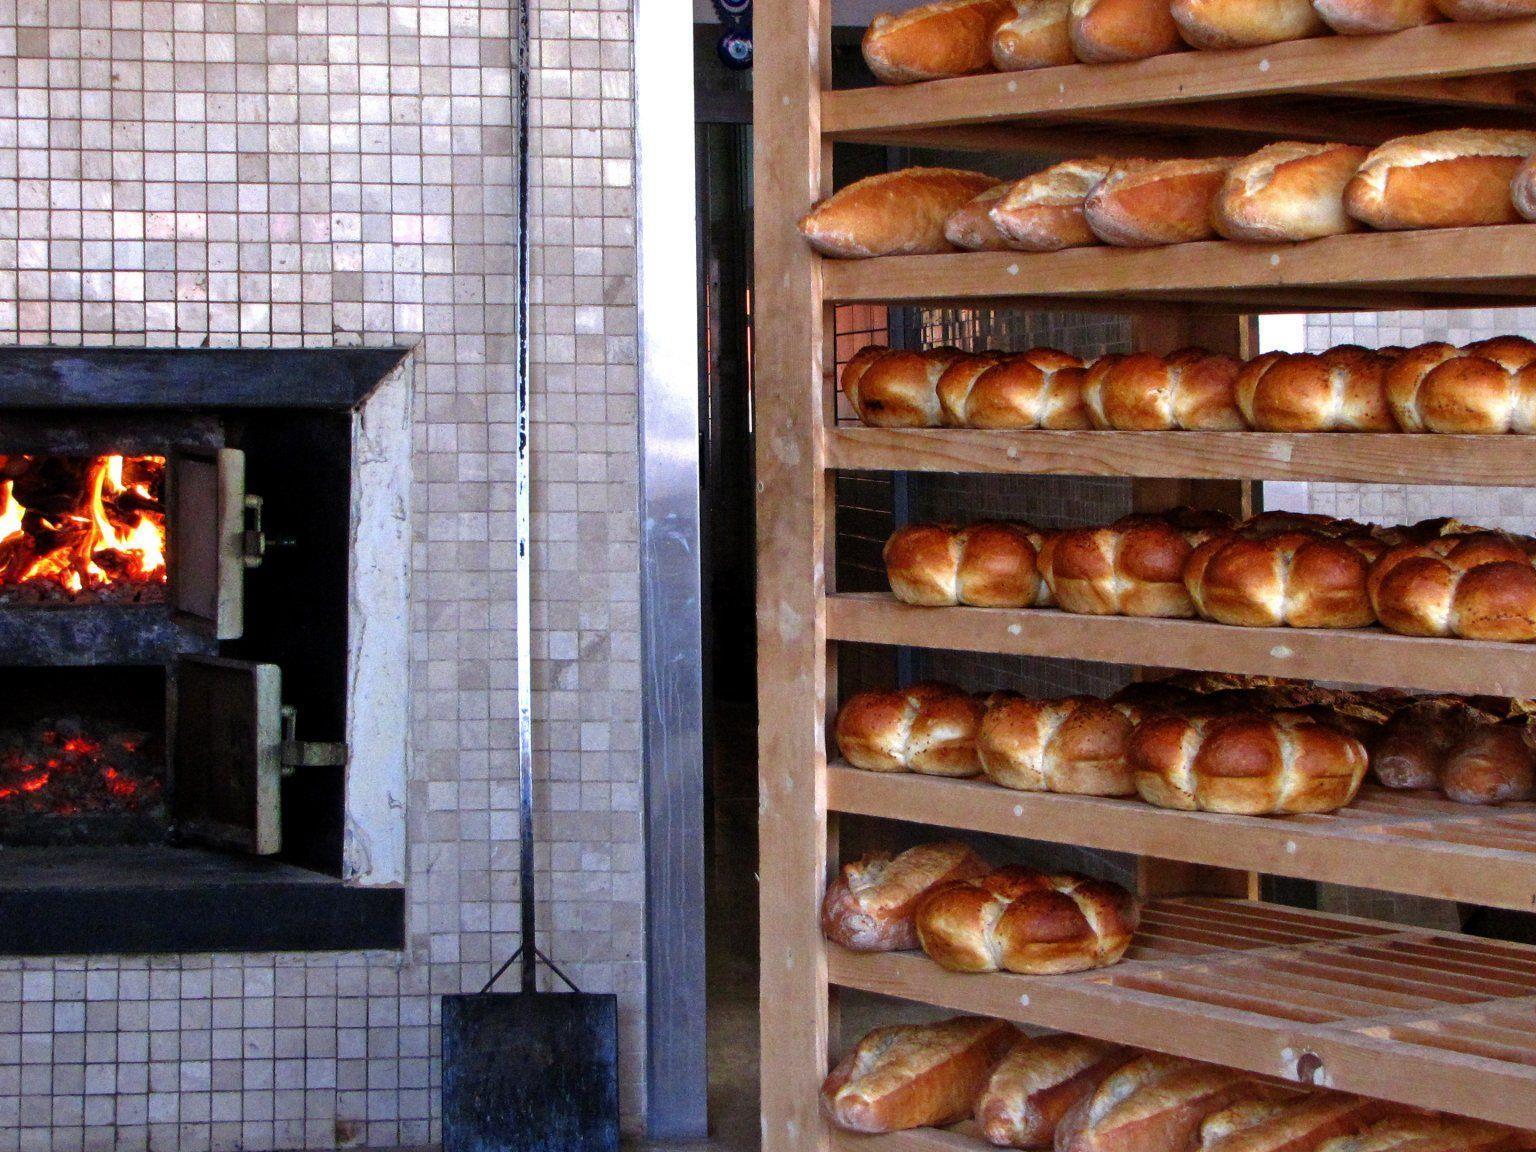 Türkisch verboten, Englisch erwünscht? Die Wiener Bäcker sehen Fremdsprachen scheinbar als Nachteil.